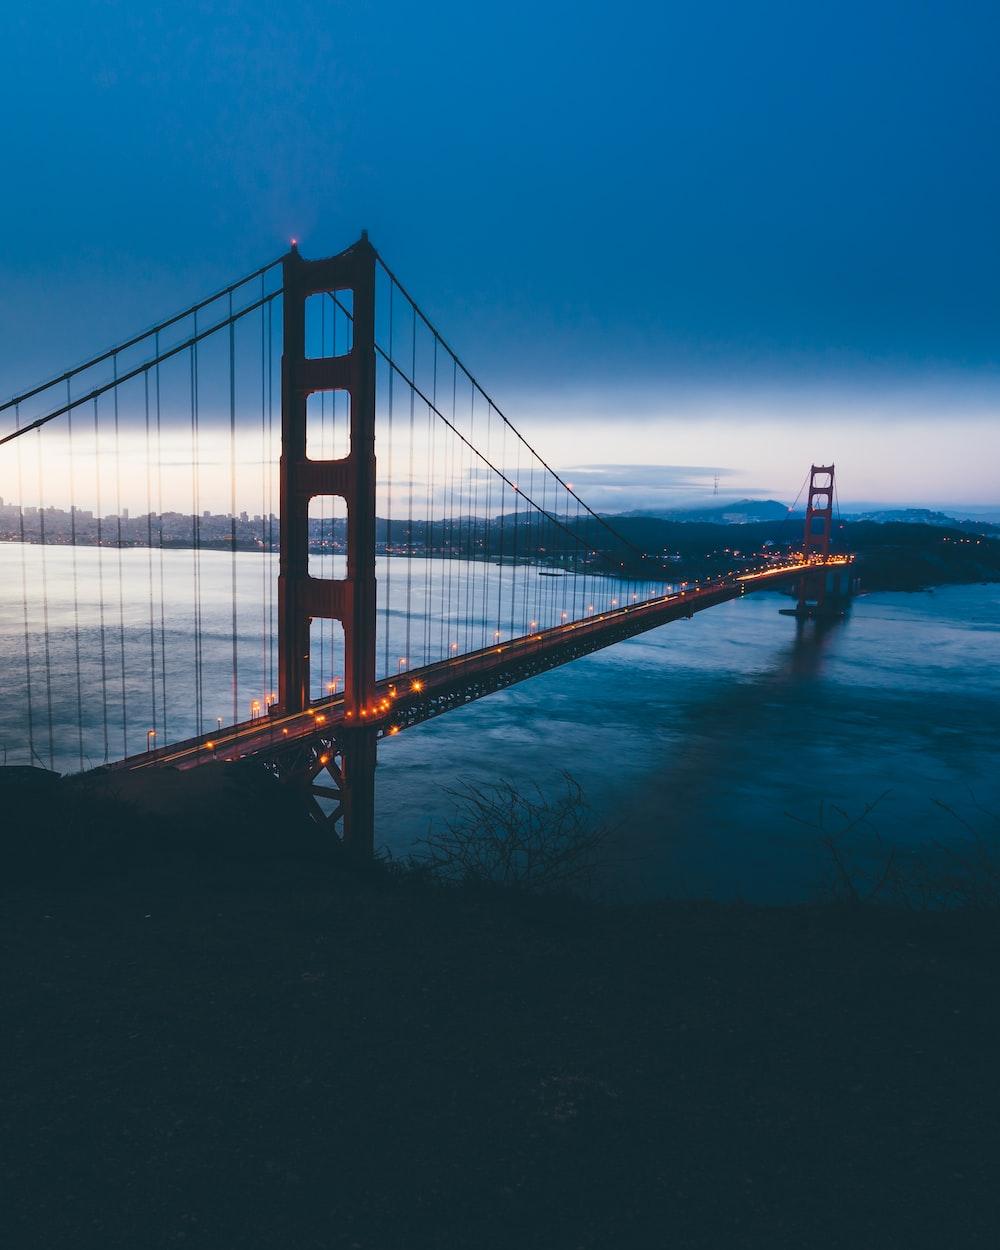 Golden Gate Bridge, San Francisco California